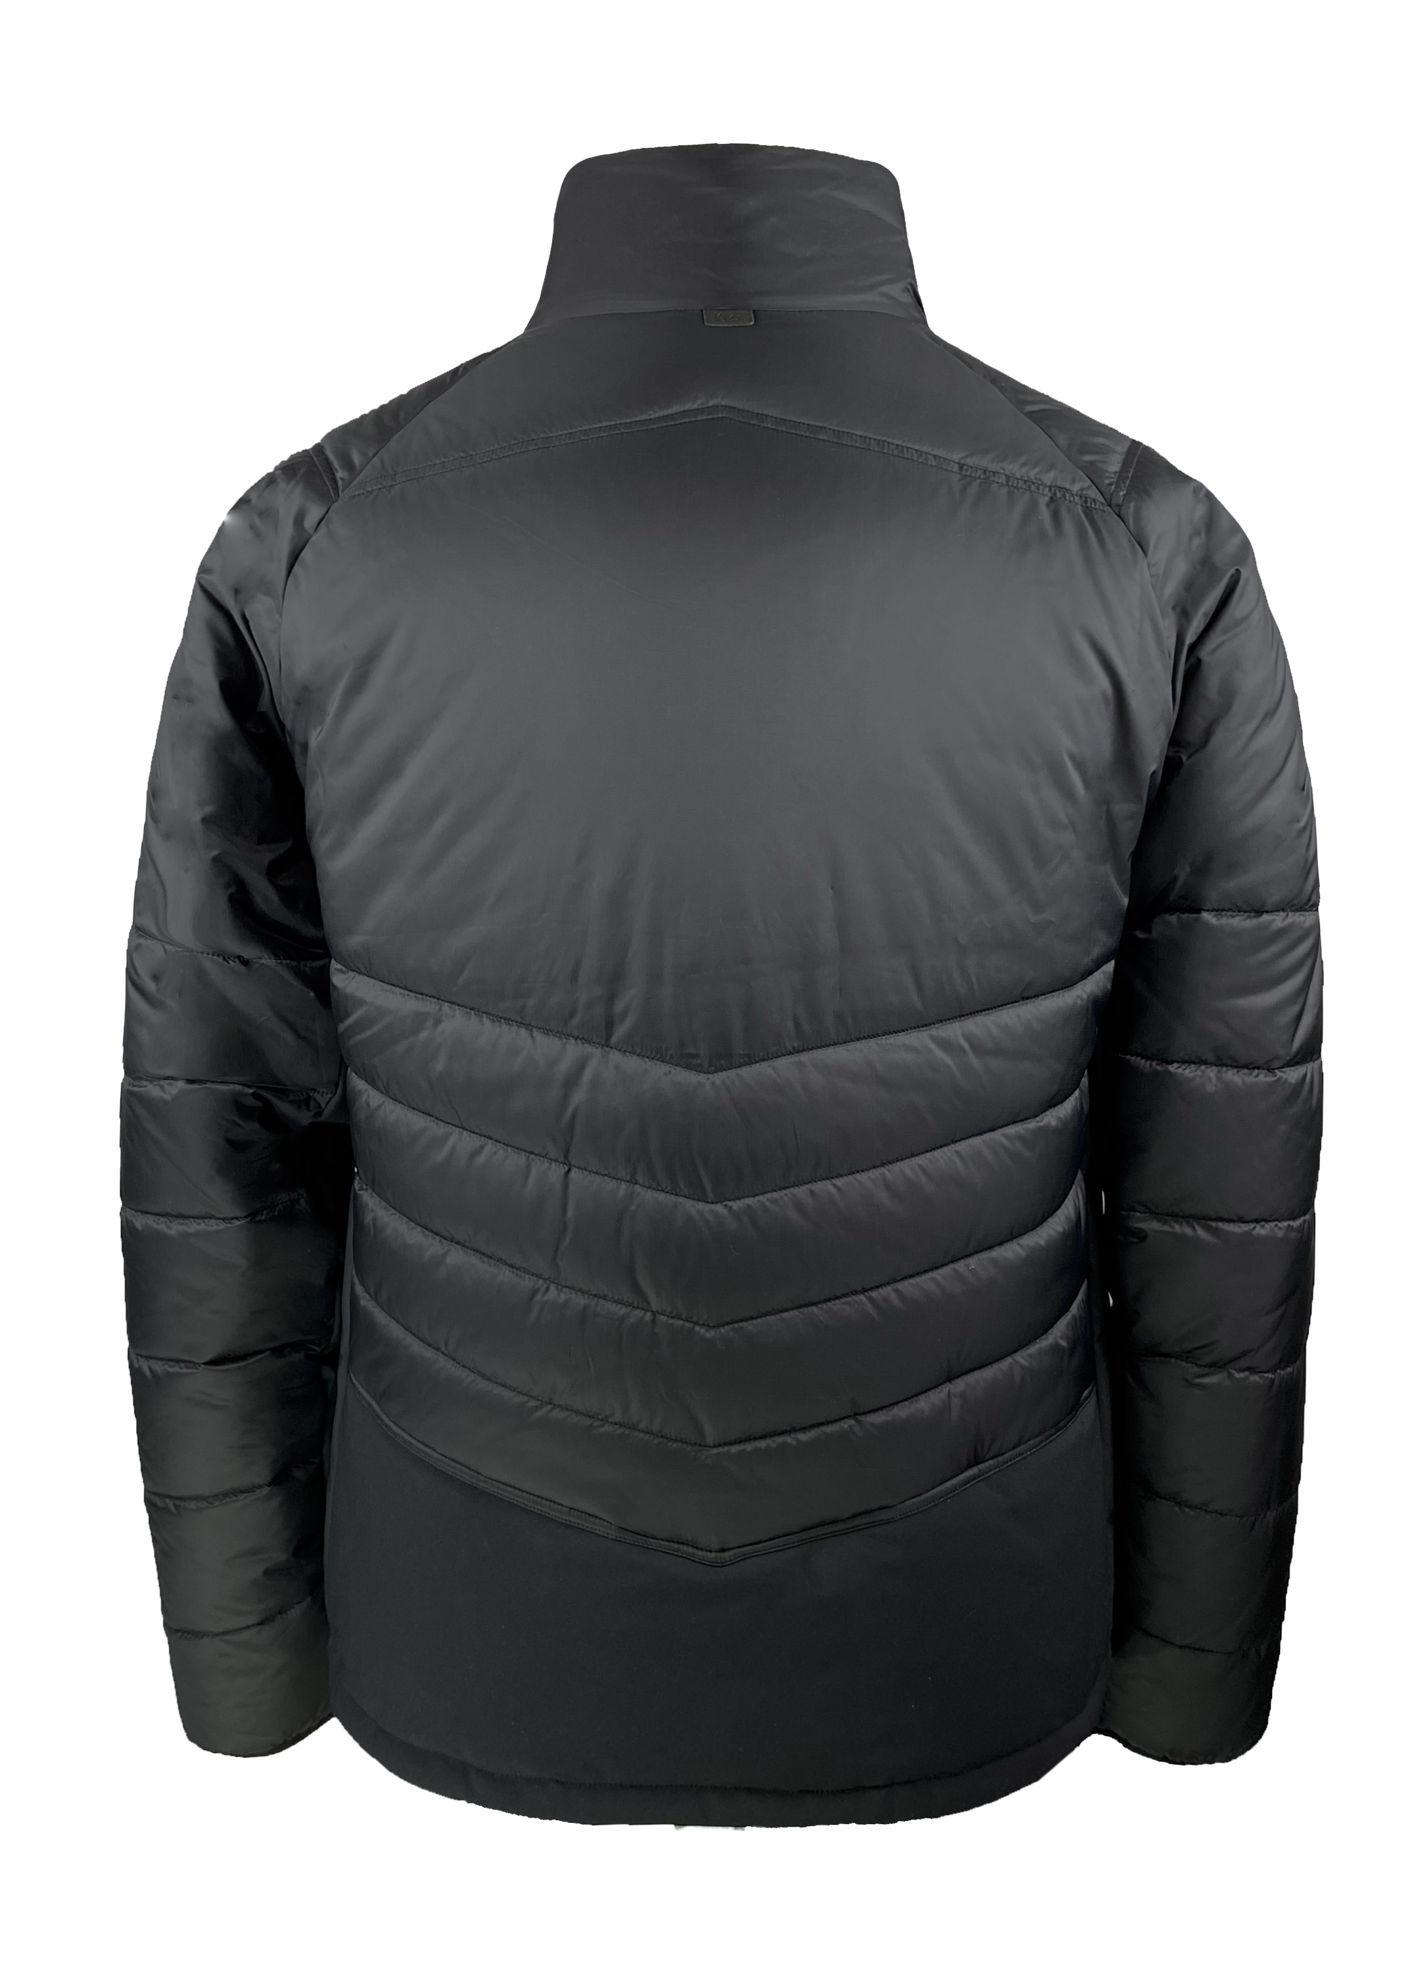 Image de Manteau urbain noir pour hommes